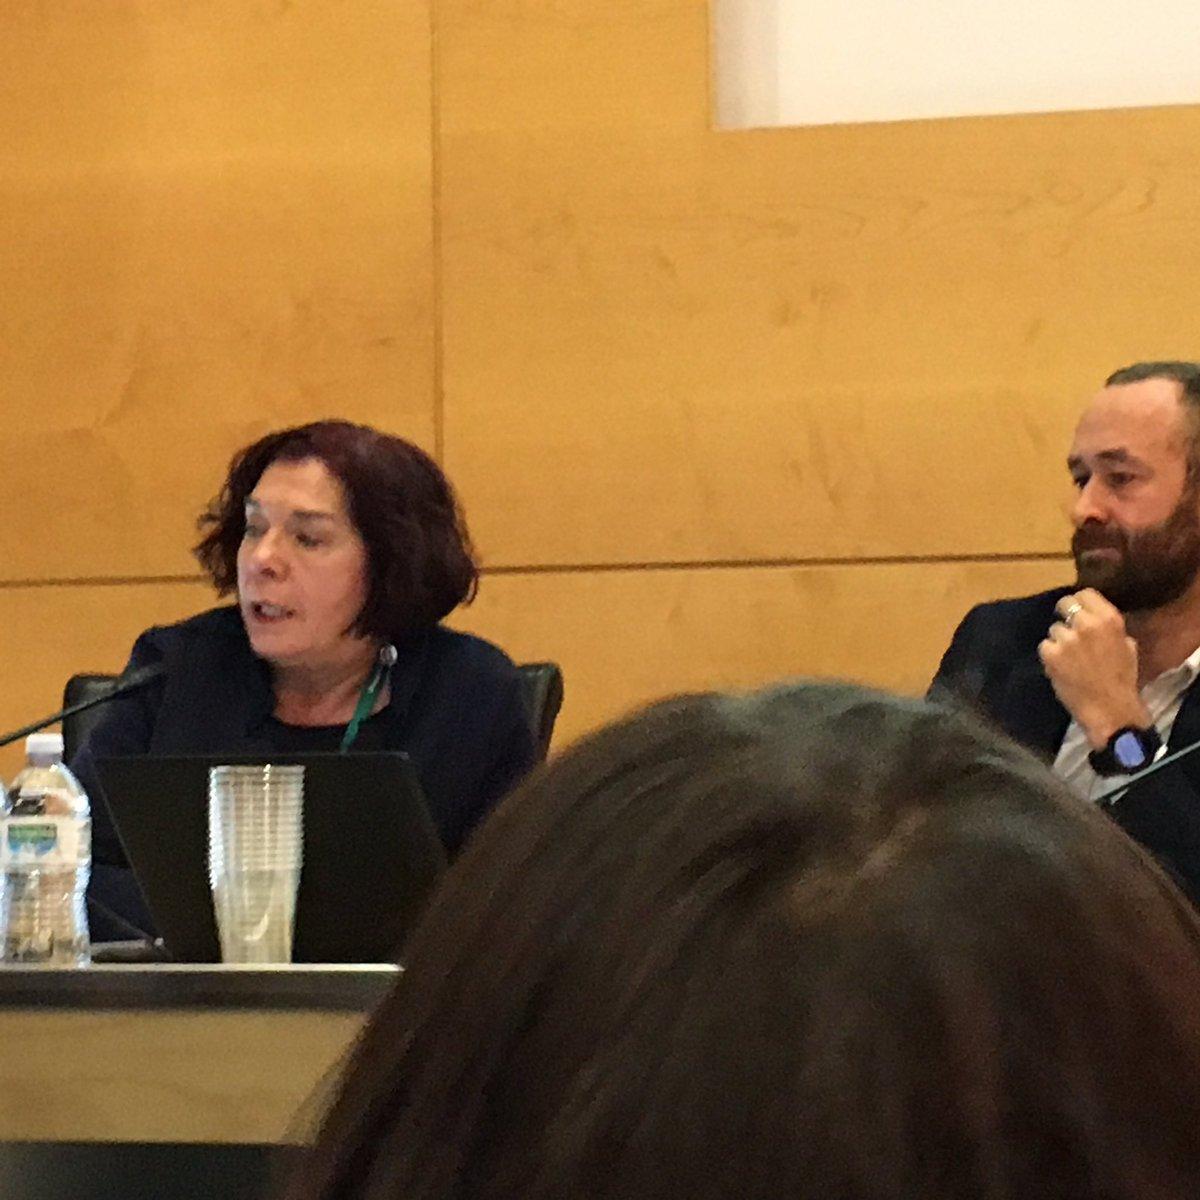 test Twitter Media - Anna Donati presenta il rapporto #Mobilitaria2018  Gli stili di mobilità nelle grandi città consumano troppo spazio e troppo petrolio  @Kyoto_Club @GRAB_Roma https://t.co/5K4G9R3R4F